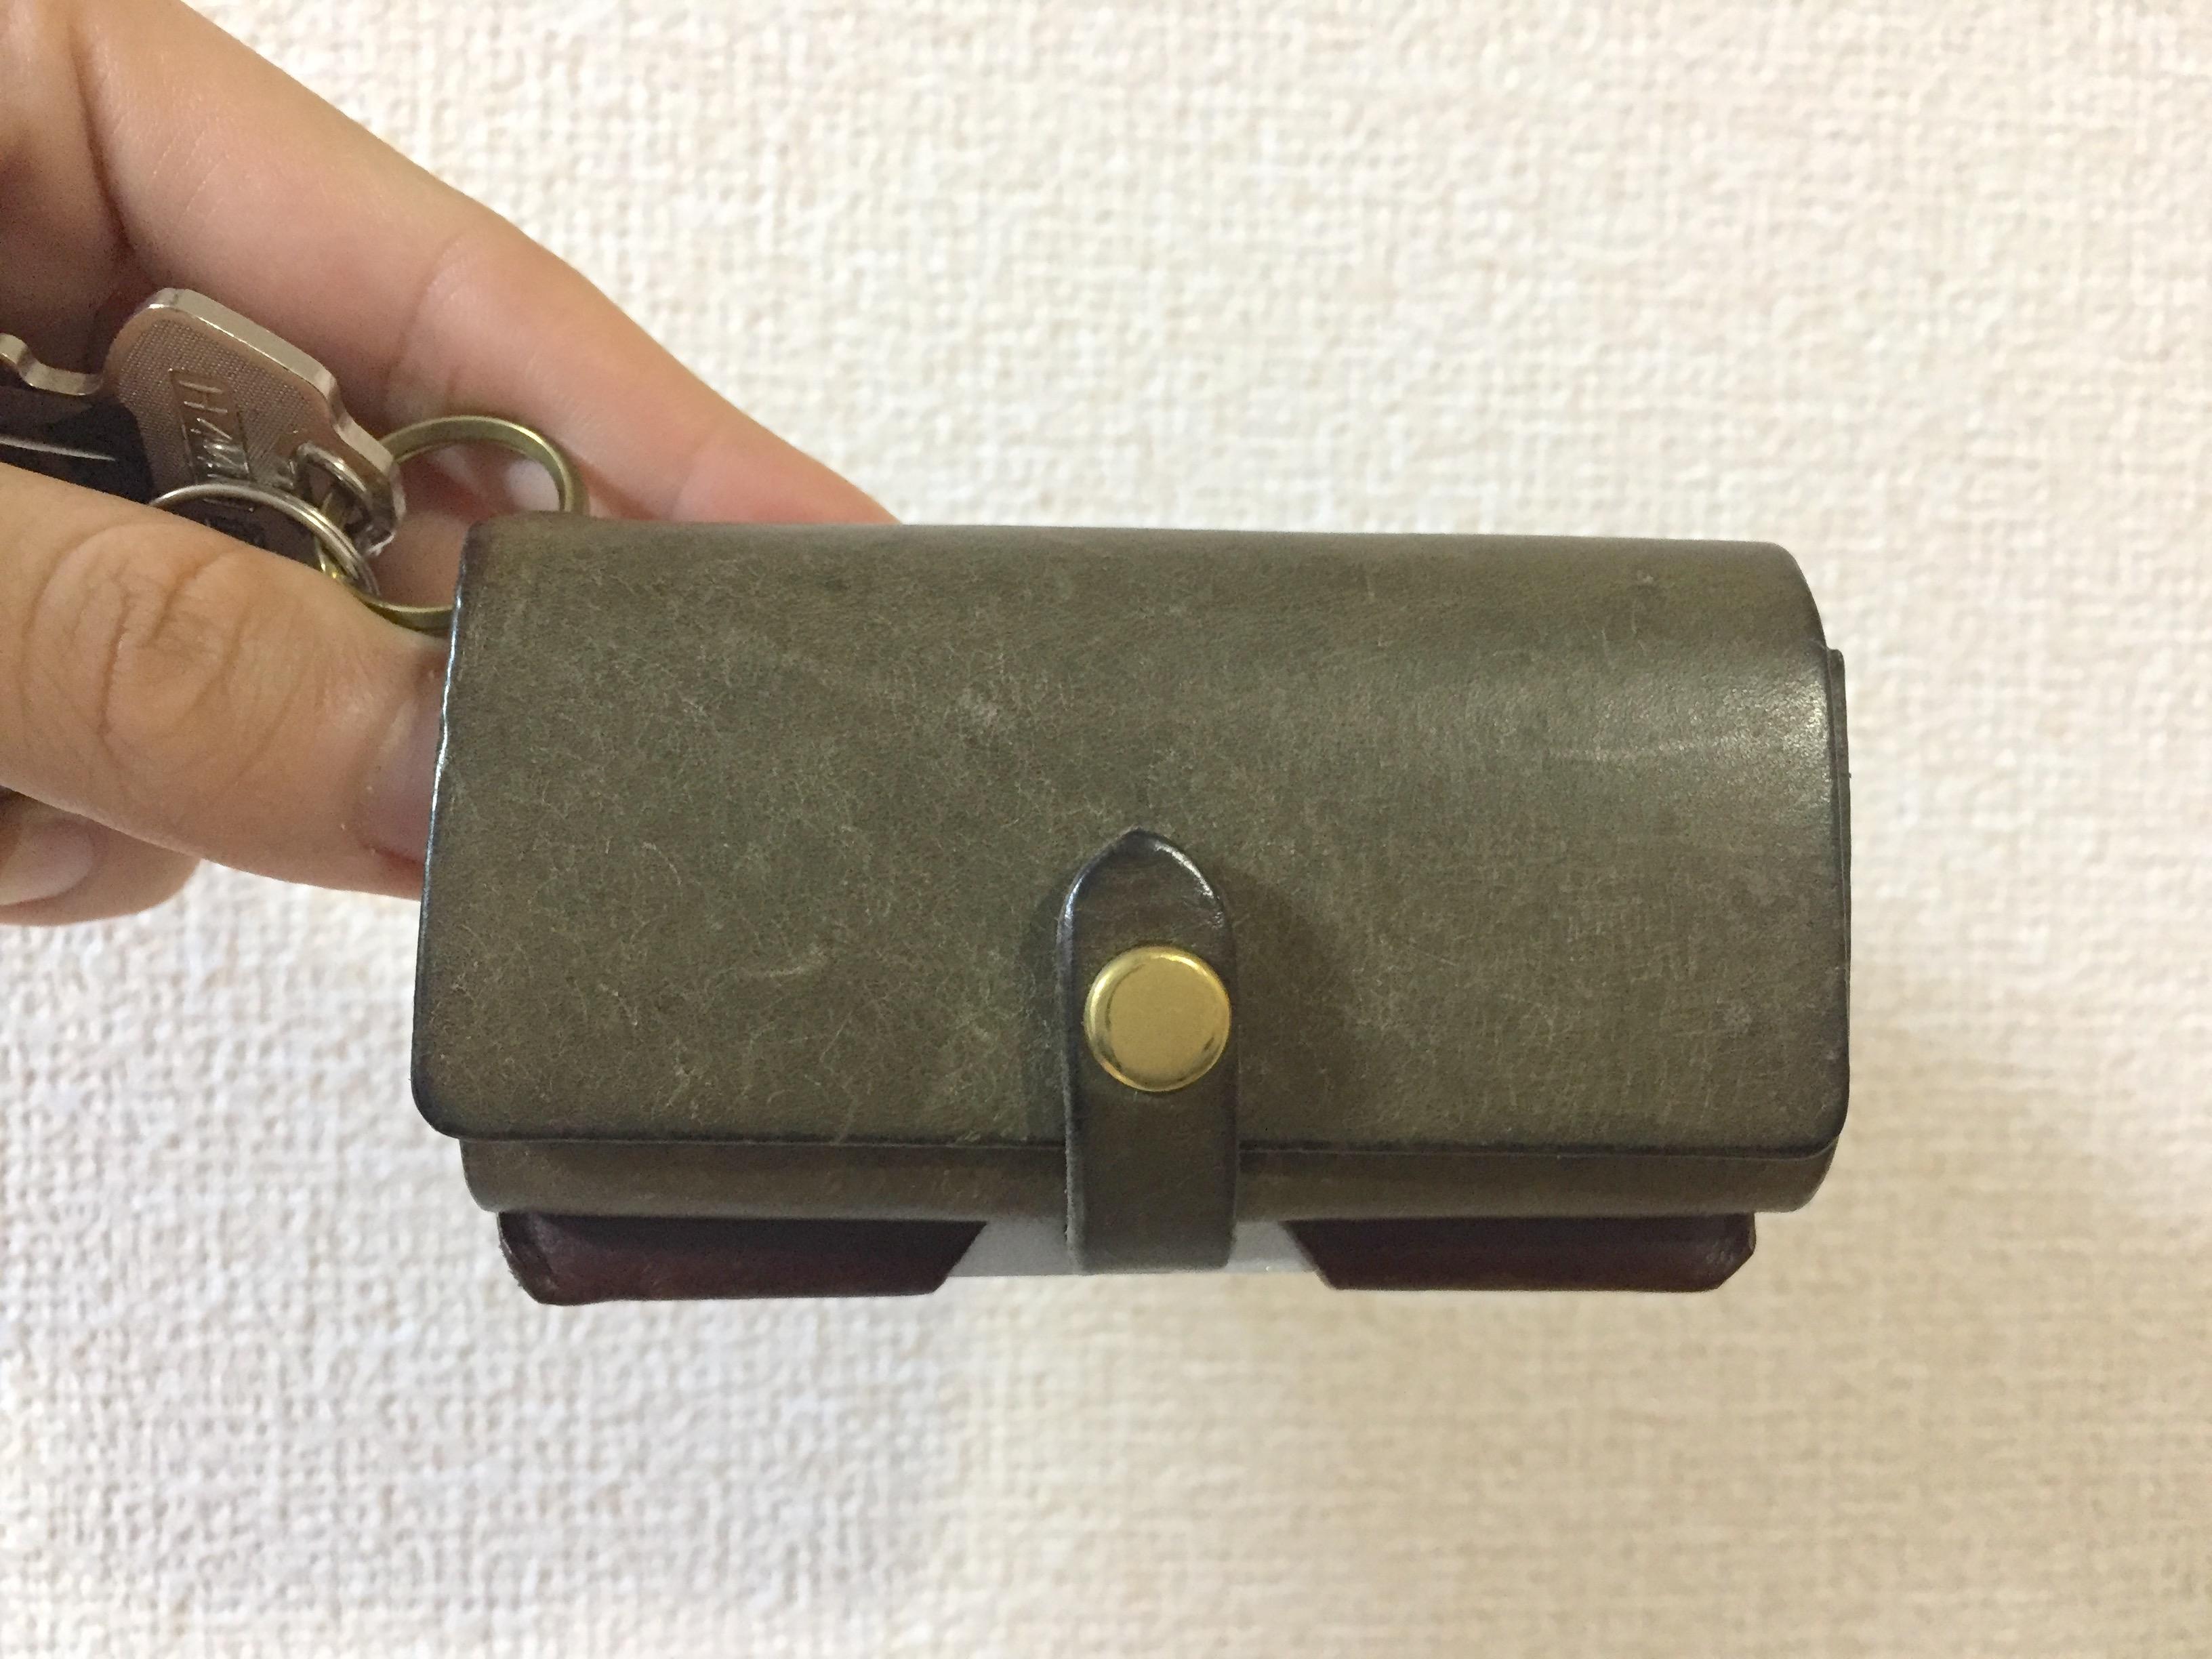 safujiのキー付きミニ財布の経年変化(2ヶ月)